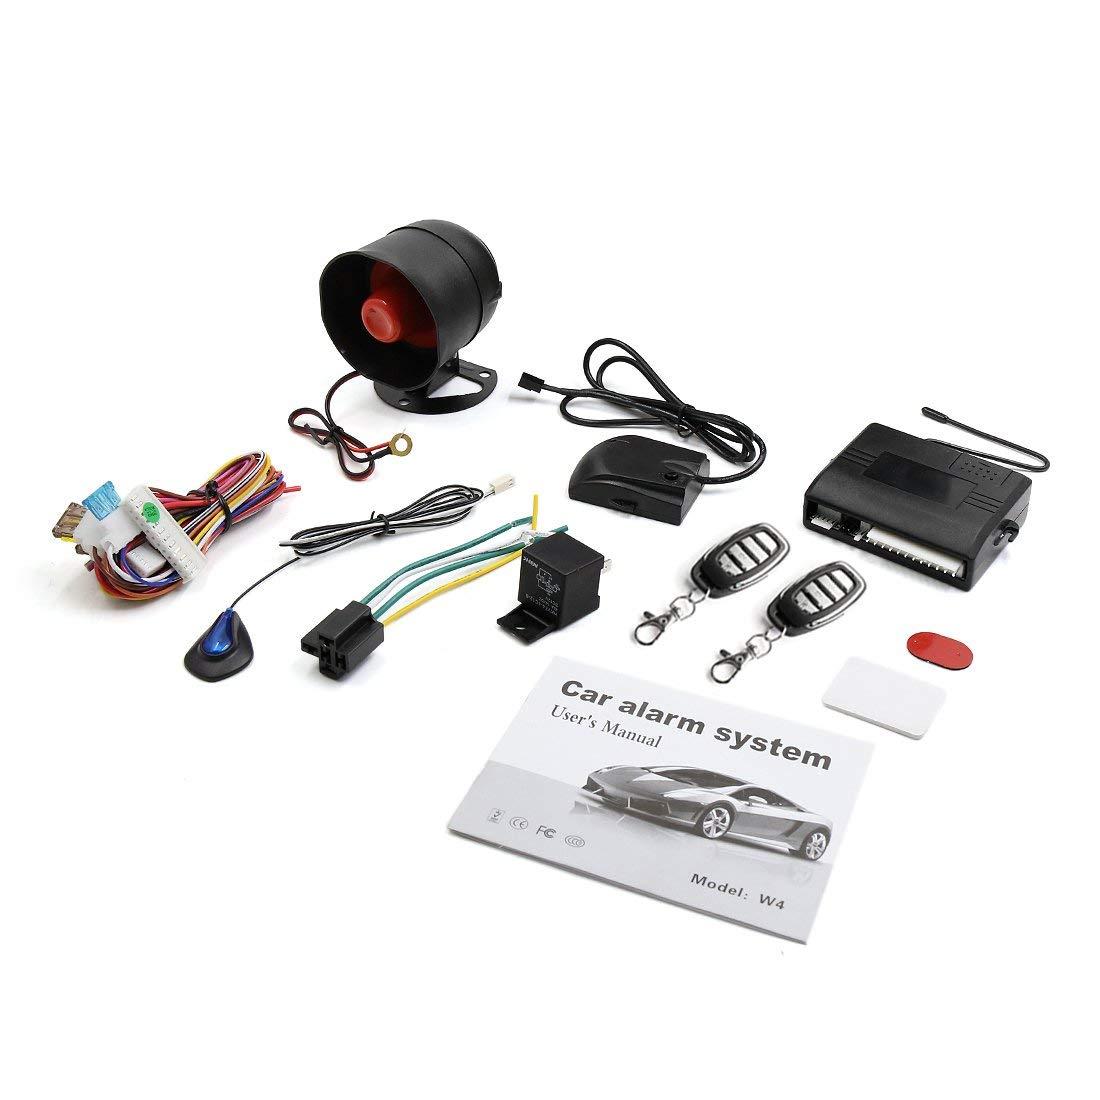 X AUTOHAUX système d'alarme de sécurité sans clé pour voiture 1 sirène antivol pour véhicule avec 2 télécommandes 12 V